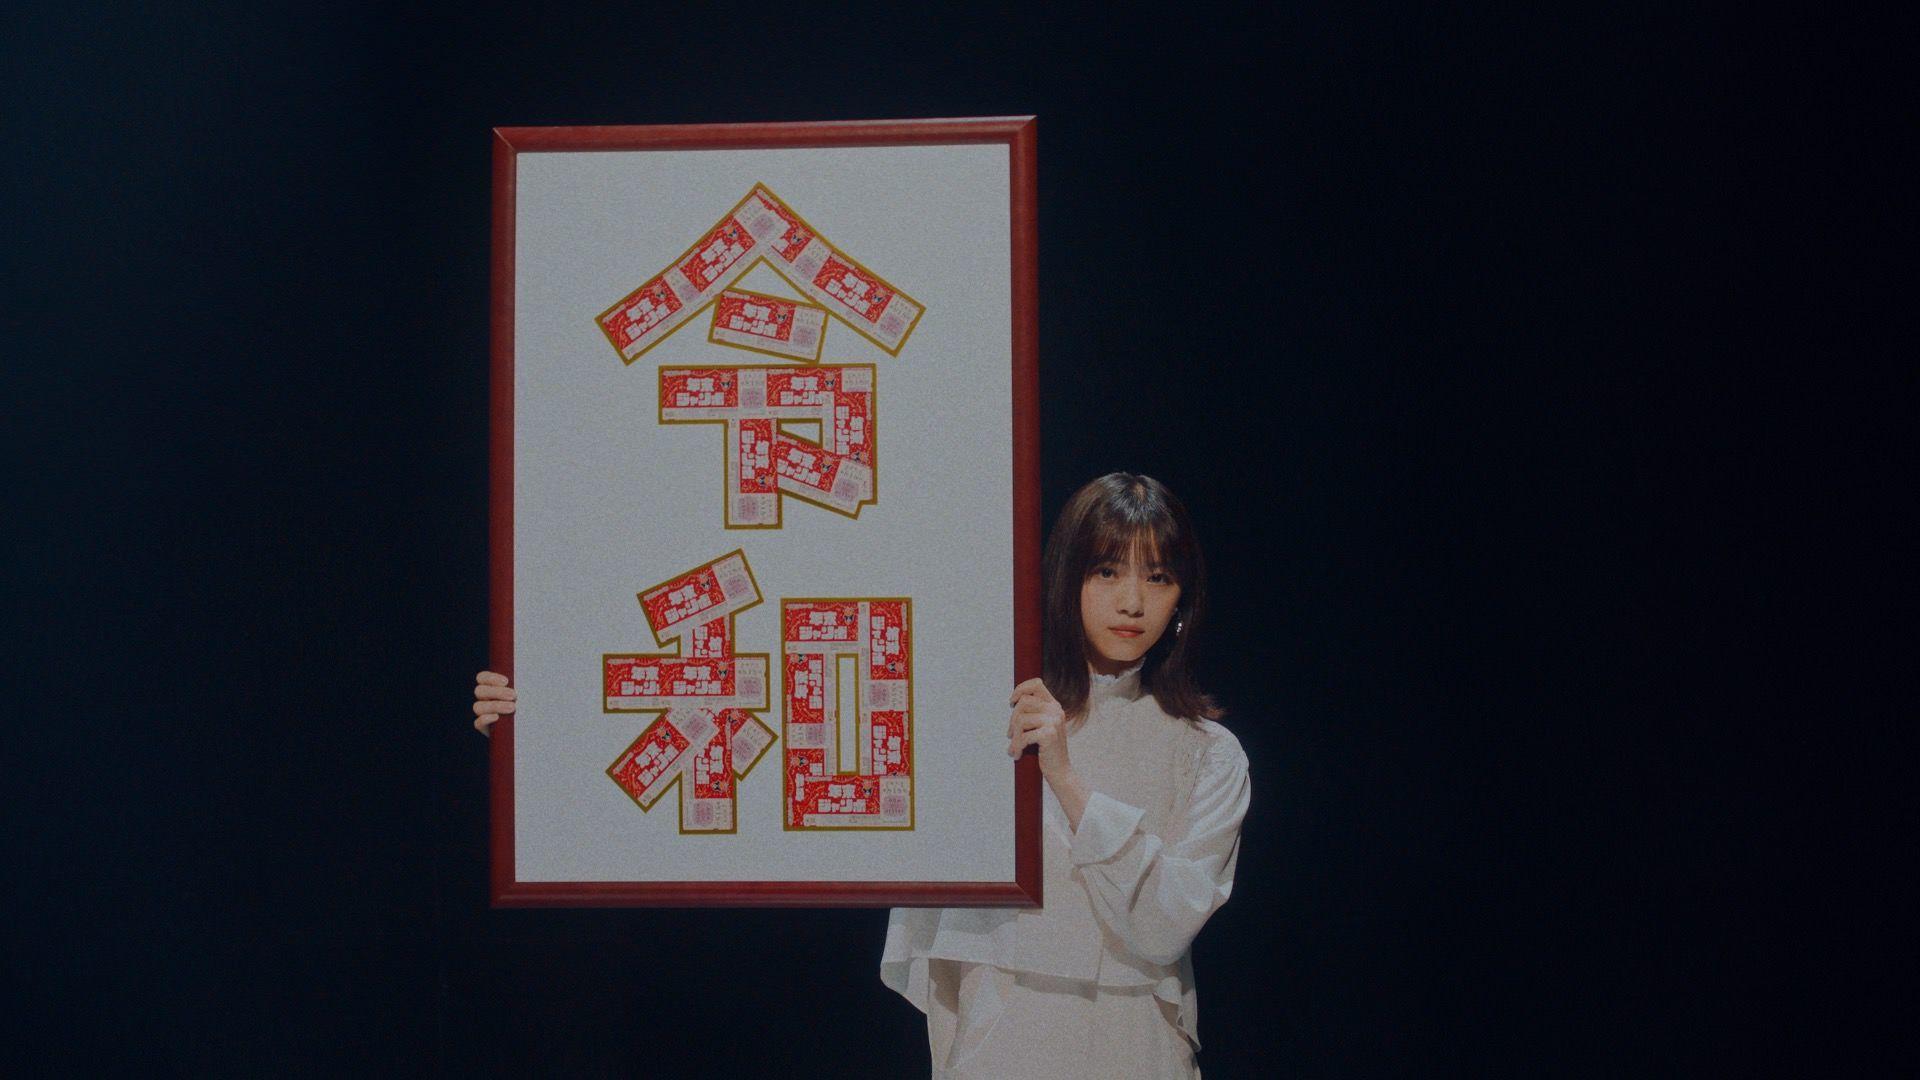 西野七瀬 年末ジャンボ宝くじ新CM2